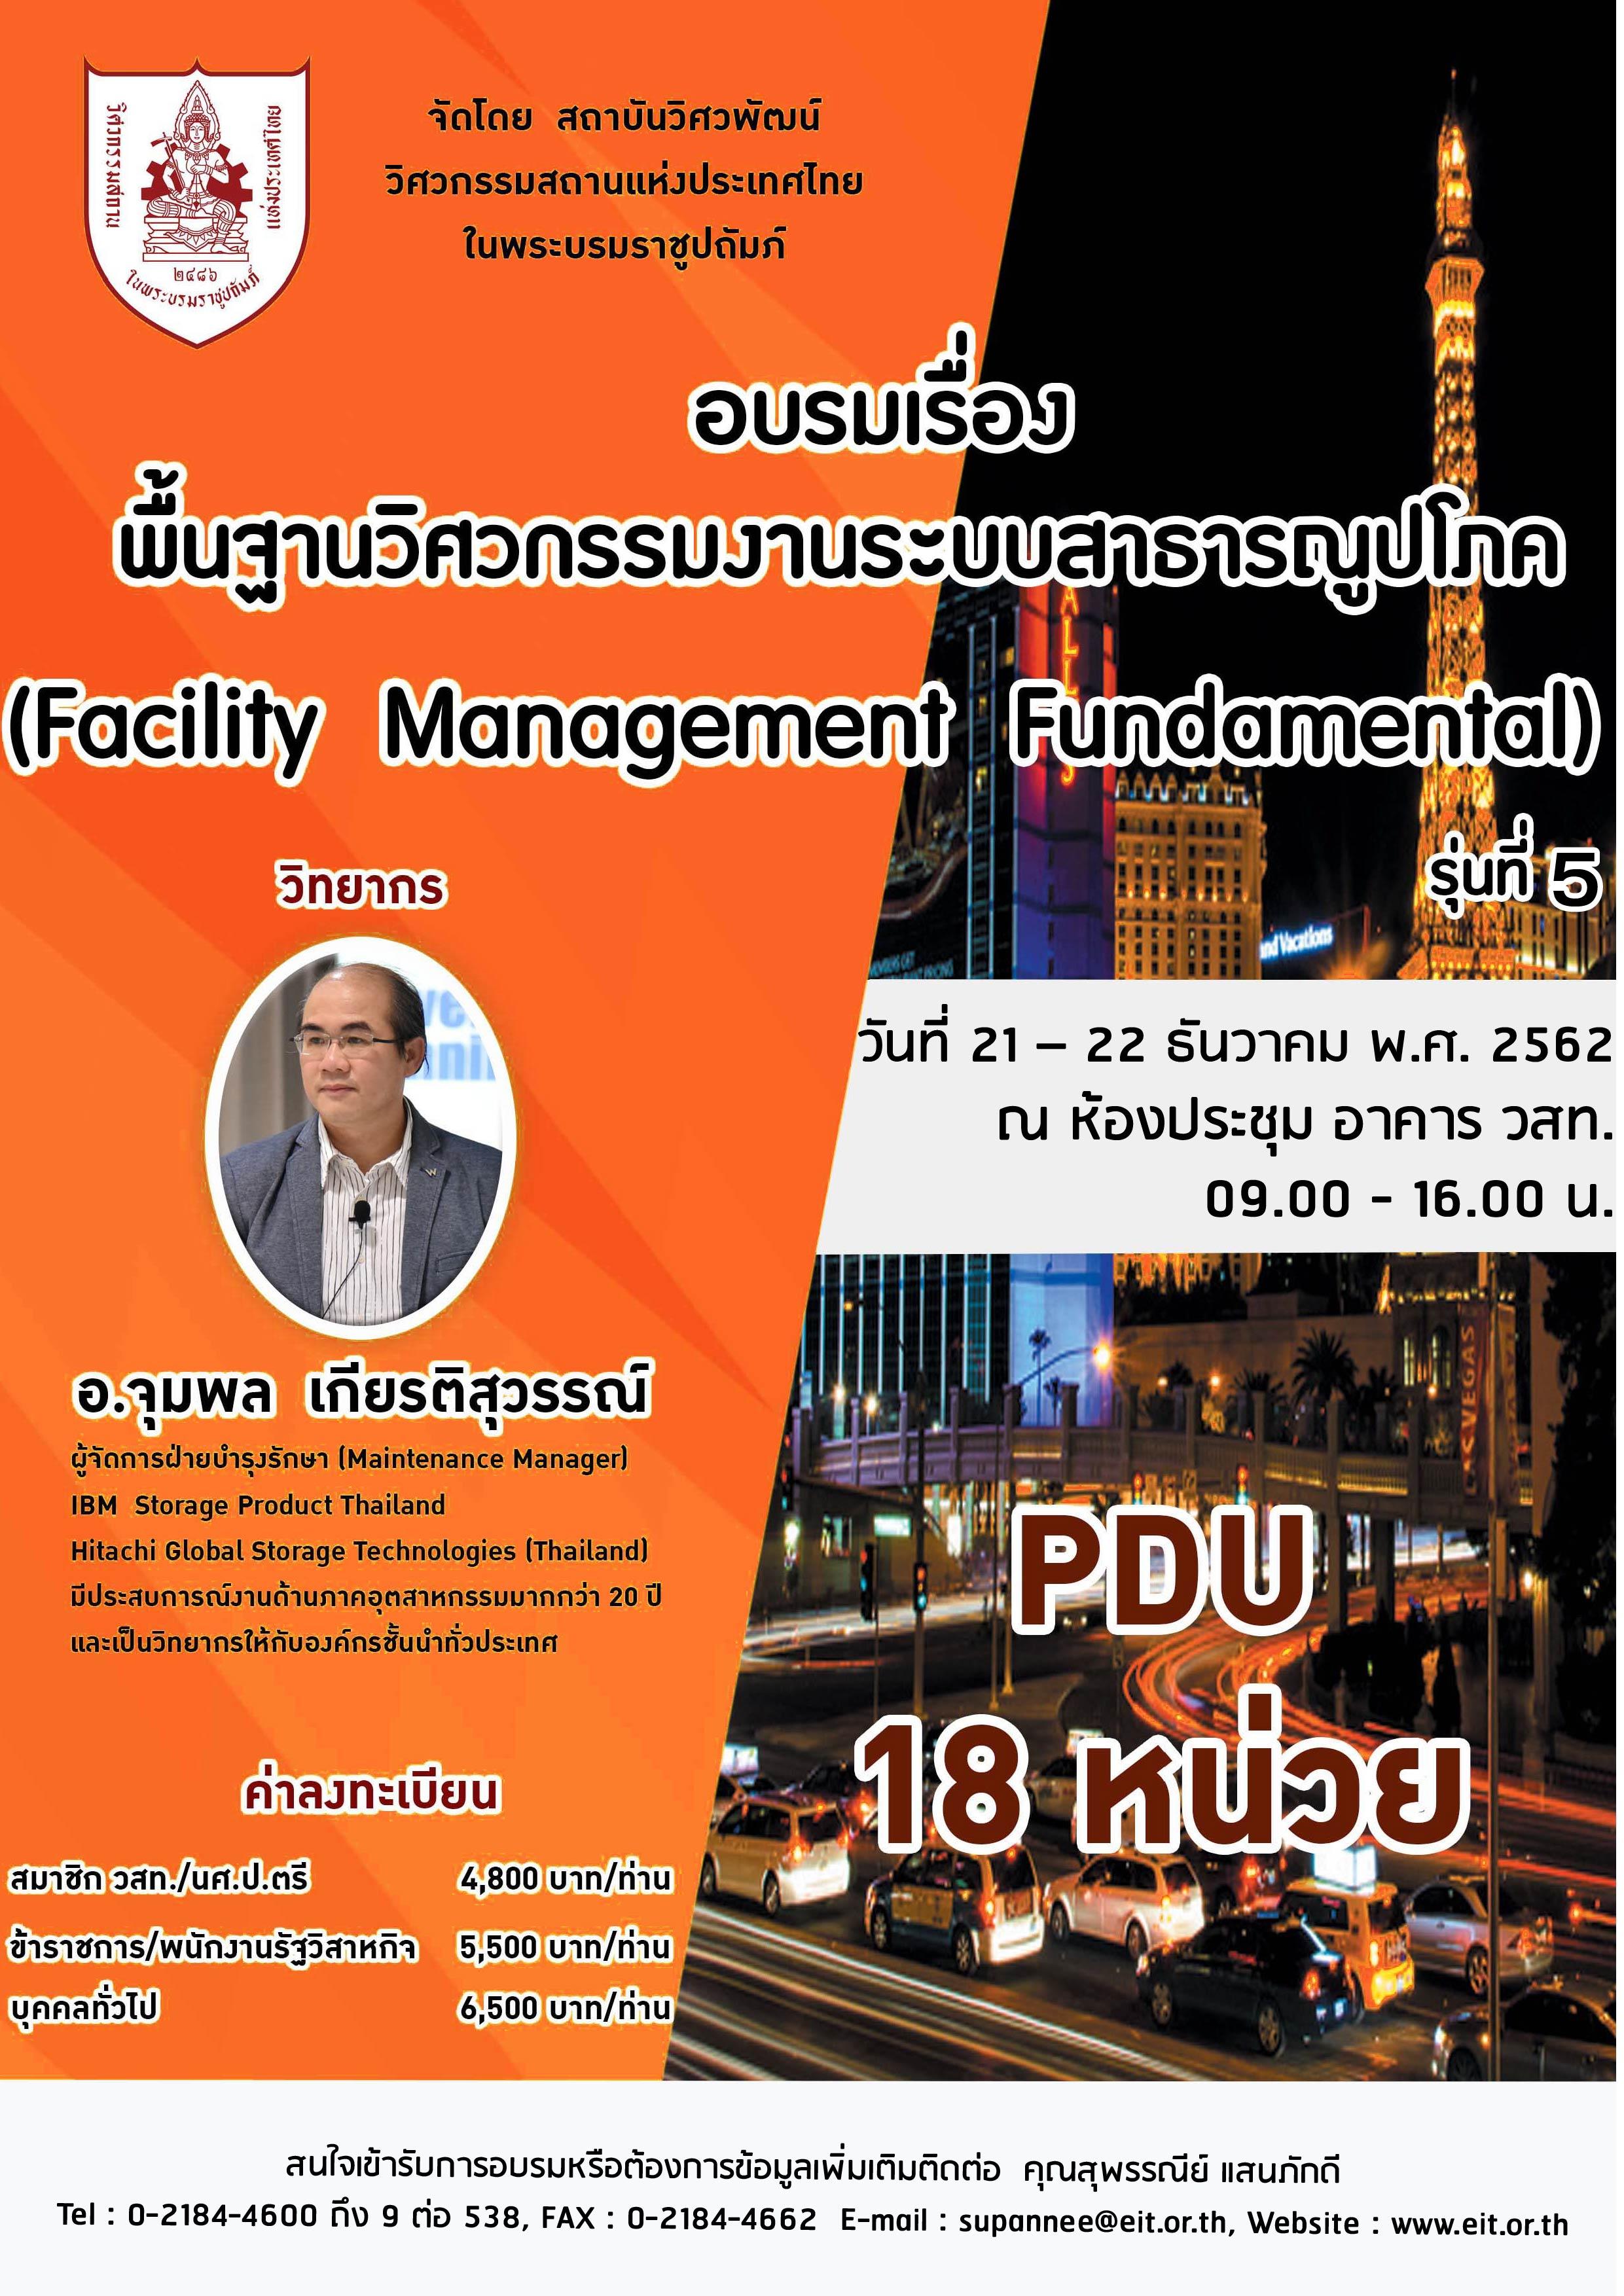 21-22/12/2562 การอบรมเรื่อง พื้นฐานวิศวกรรมงานระบบสาธารณูปโภค (Facility Management Fundamental) รุ่นที่ 5